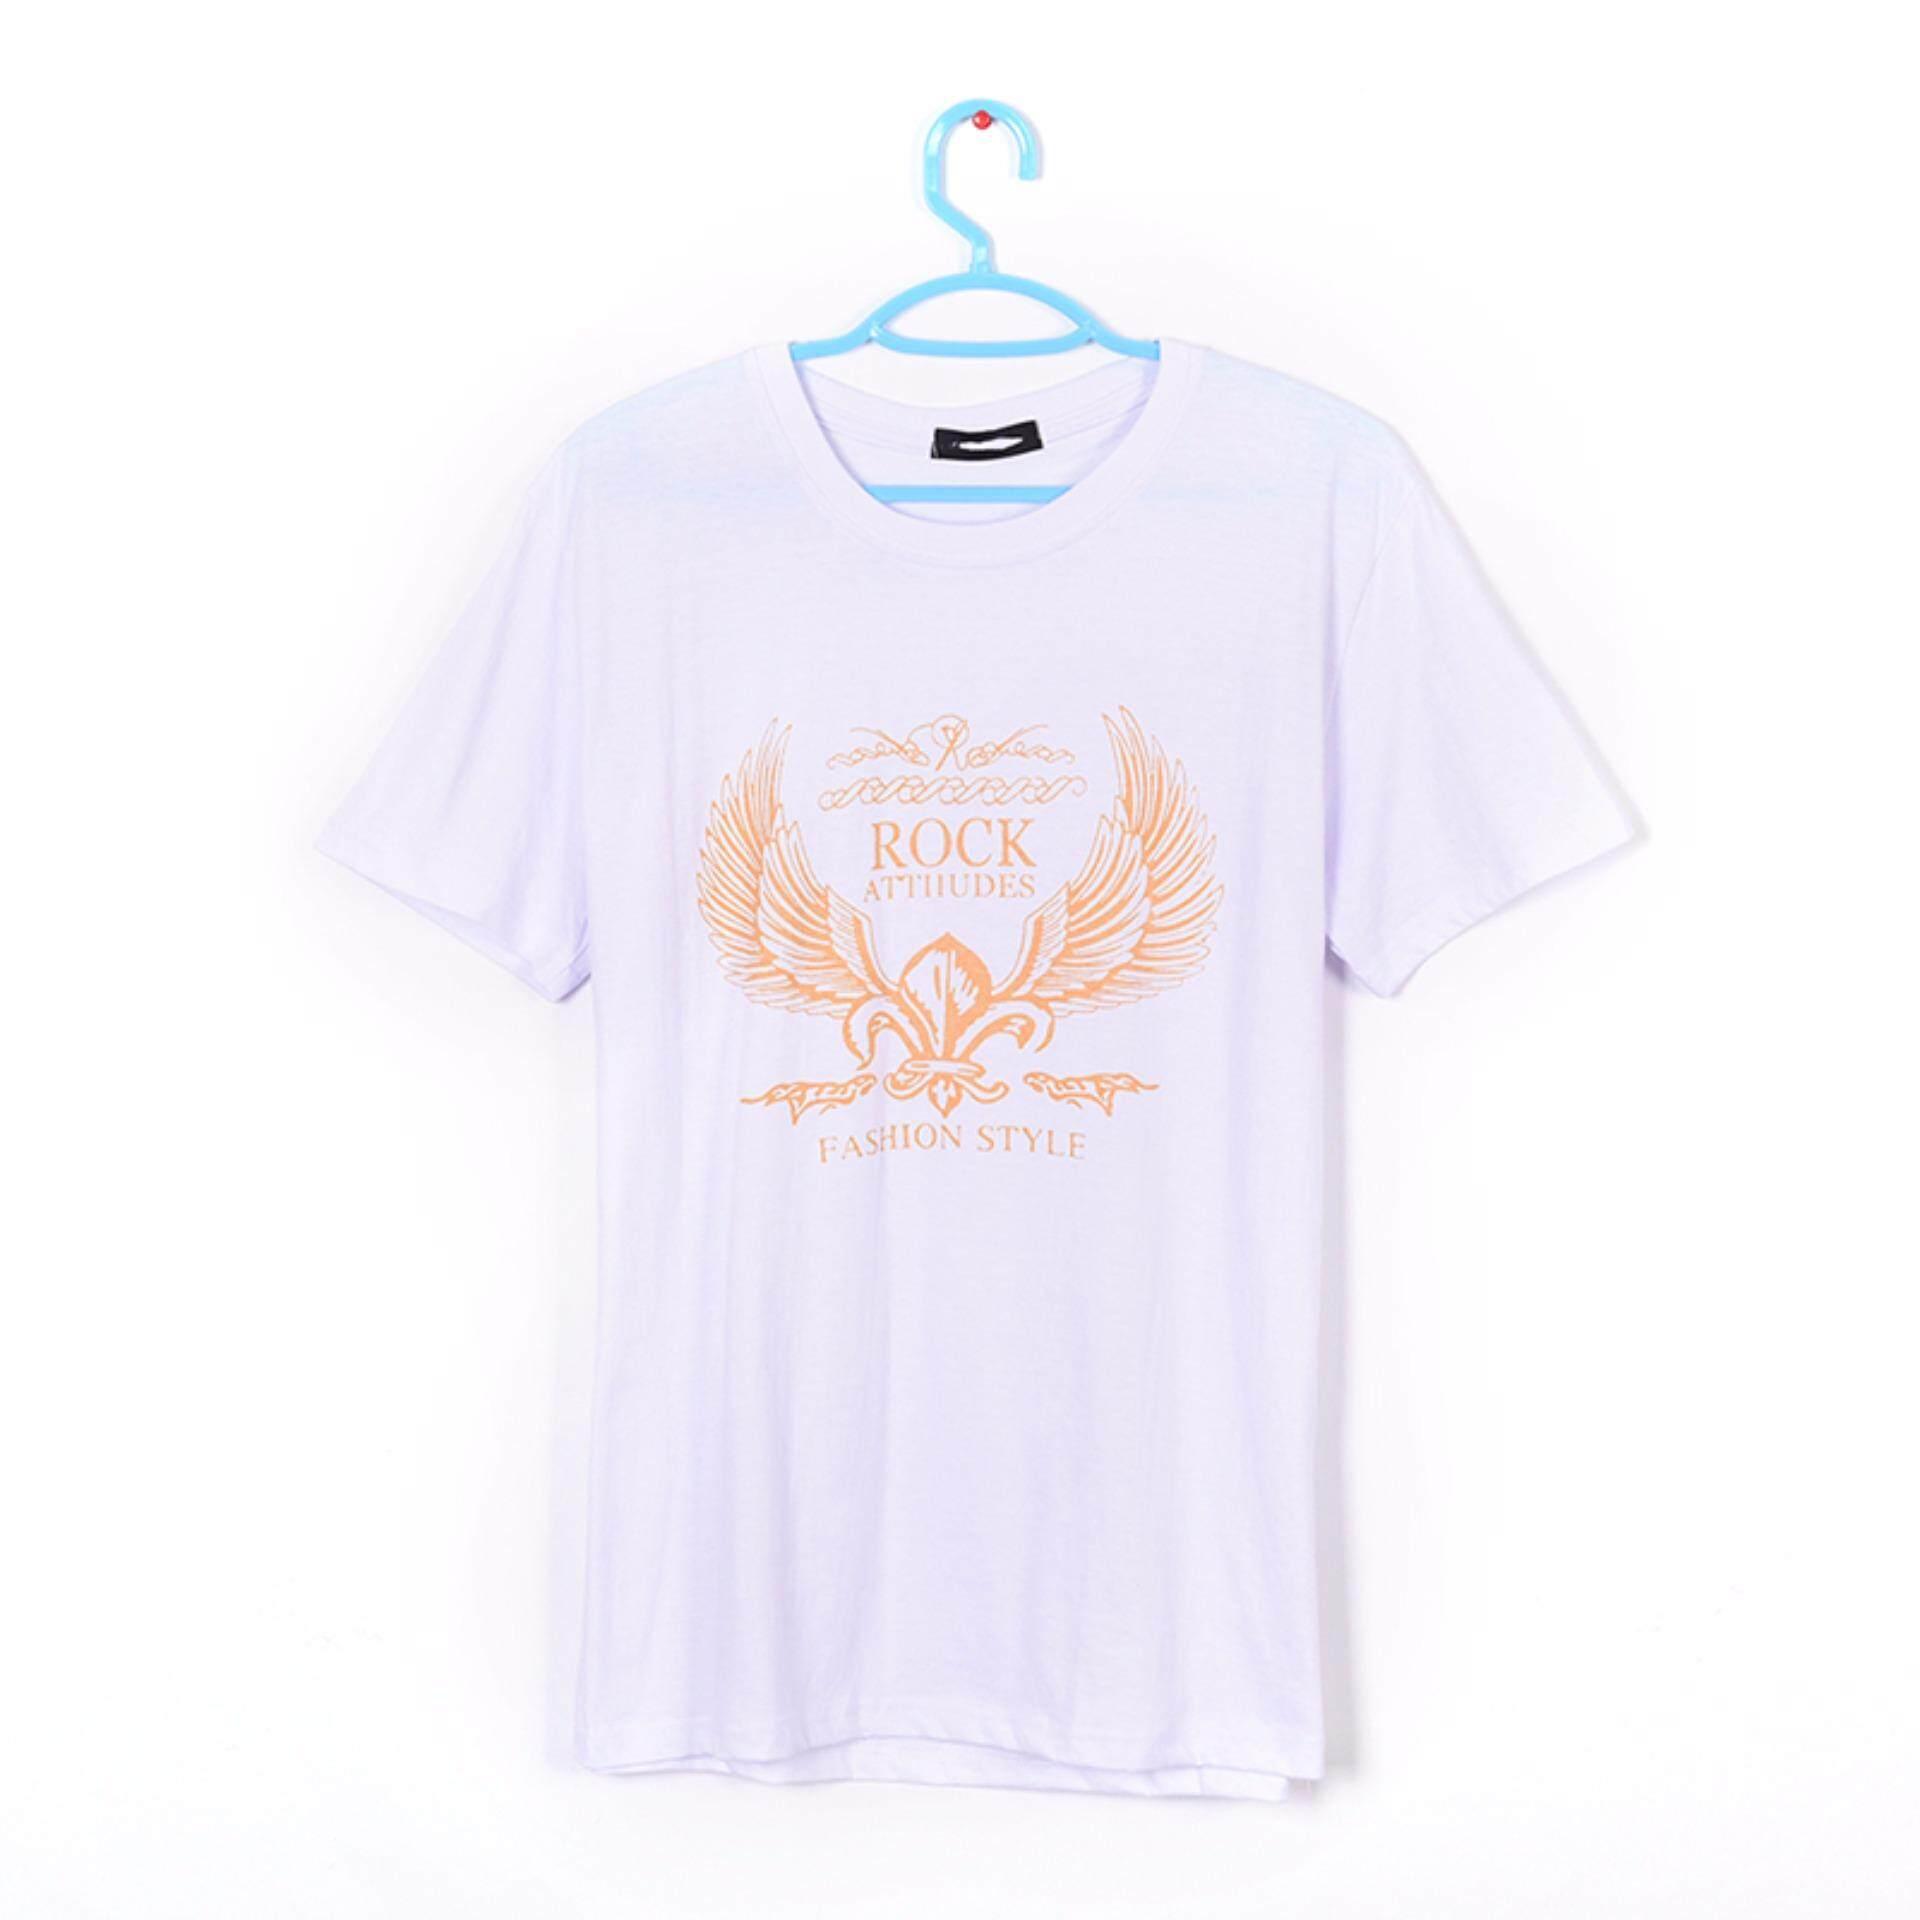 8e34385394f5 Men s Casual t-shirt cotton shirt Men s blouse autumn summer - intl